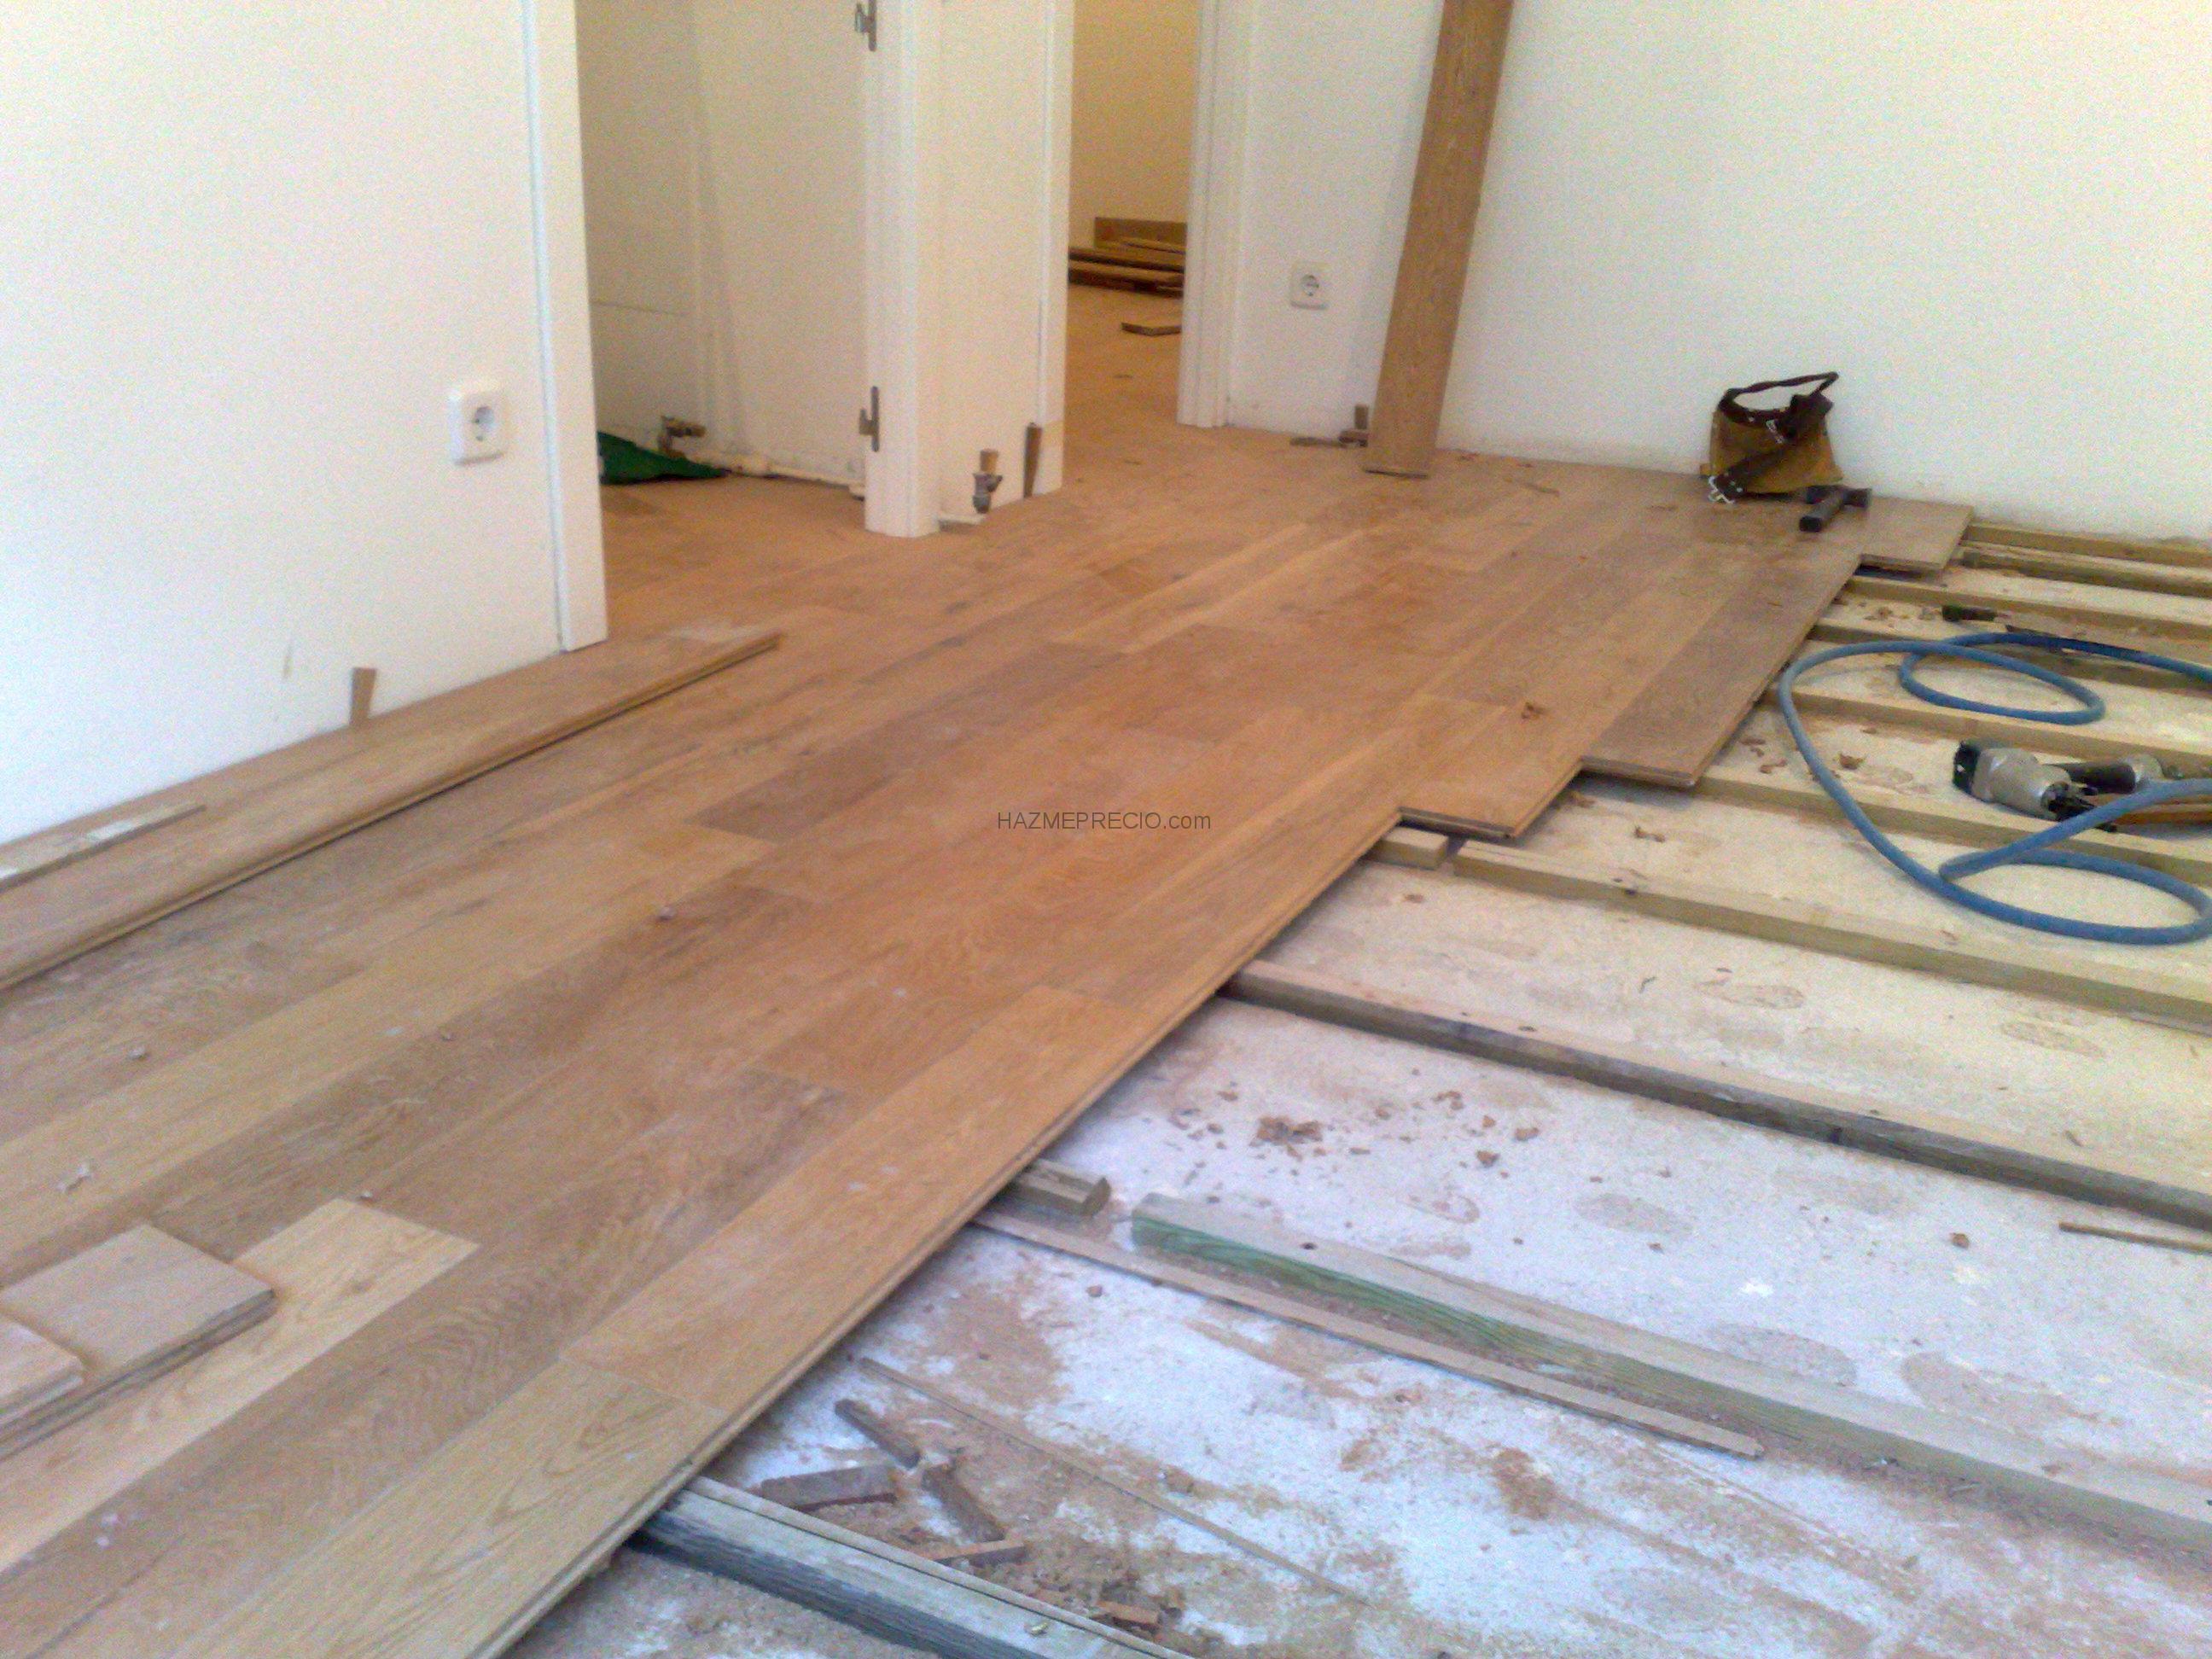 Jmartins pavimentos de madera 28905 getafe madrid - Suelos de madera maciza ...